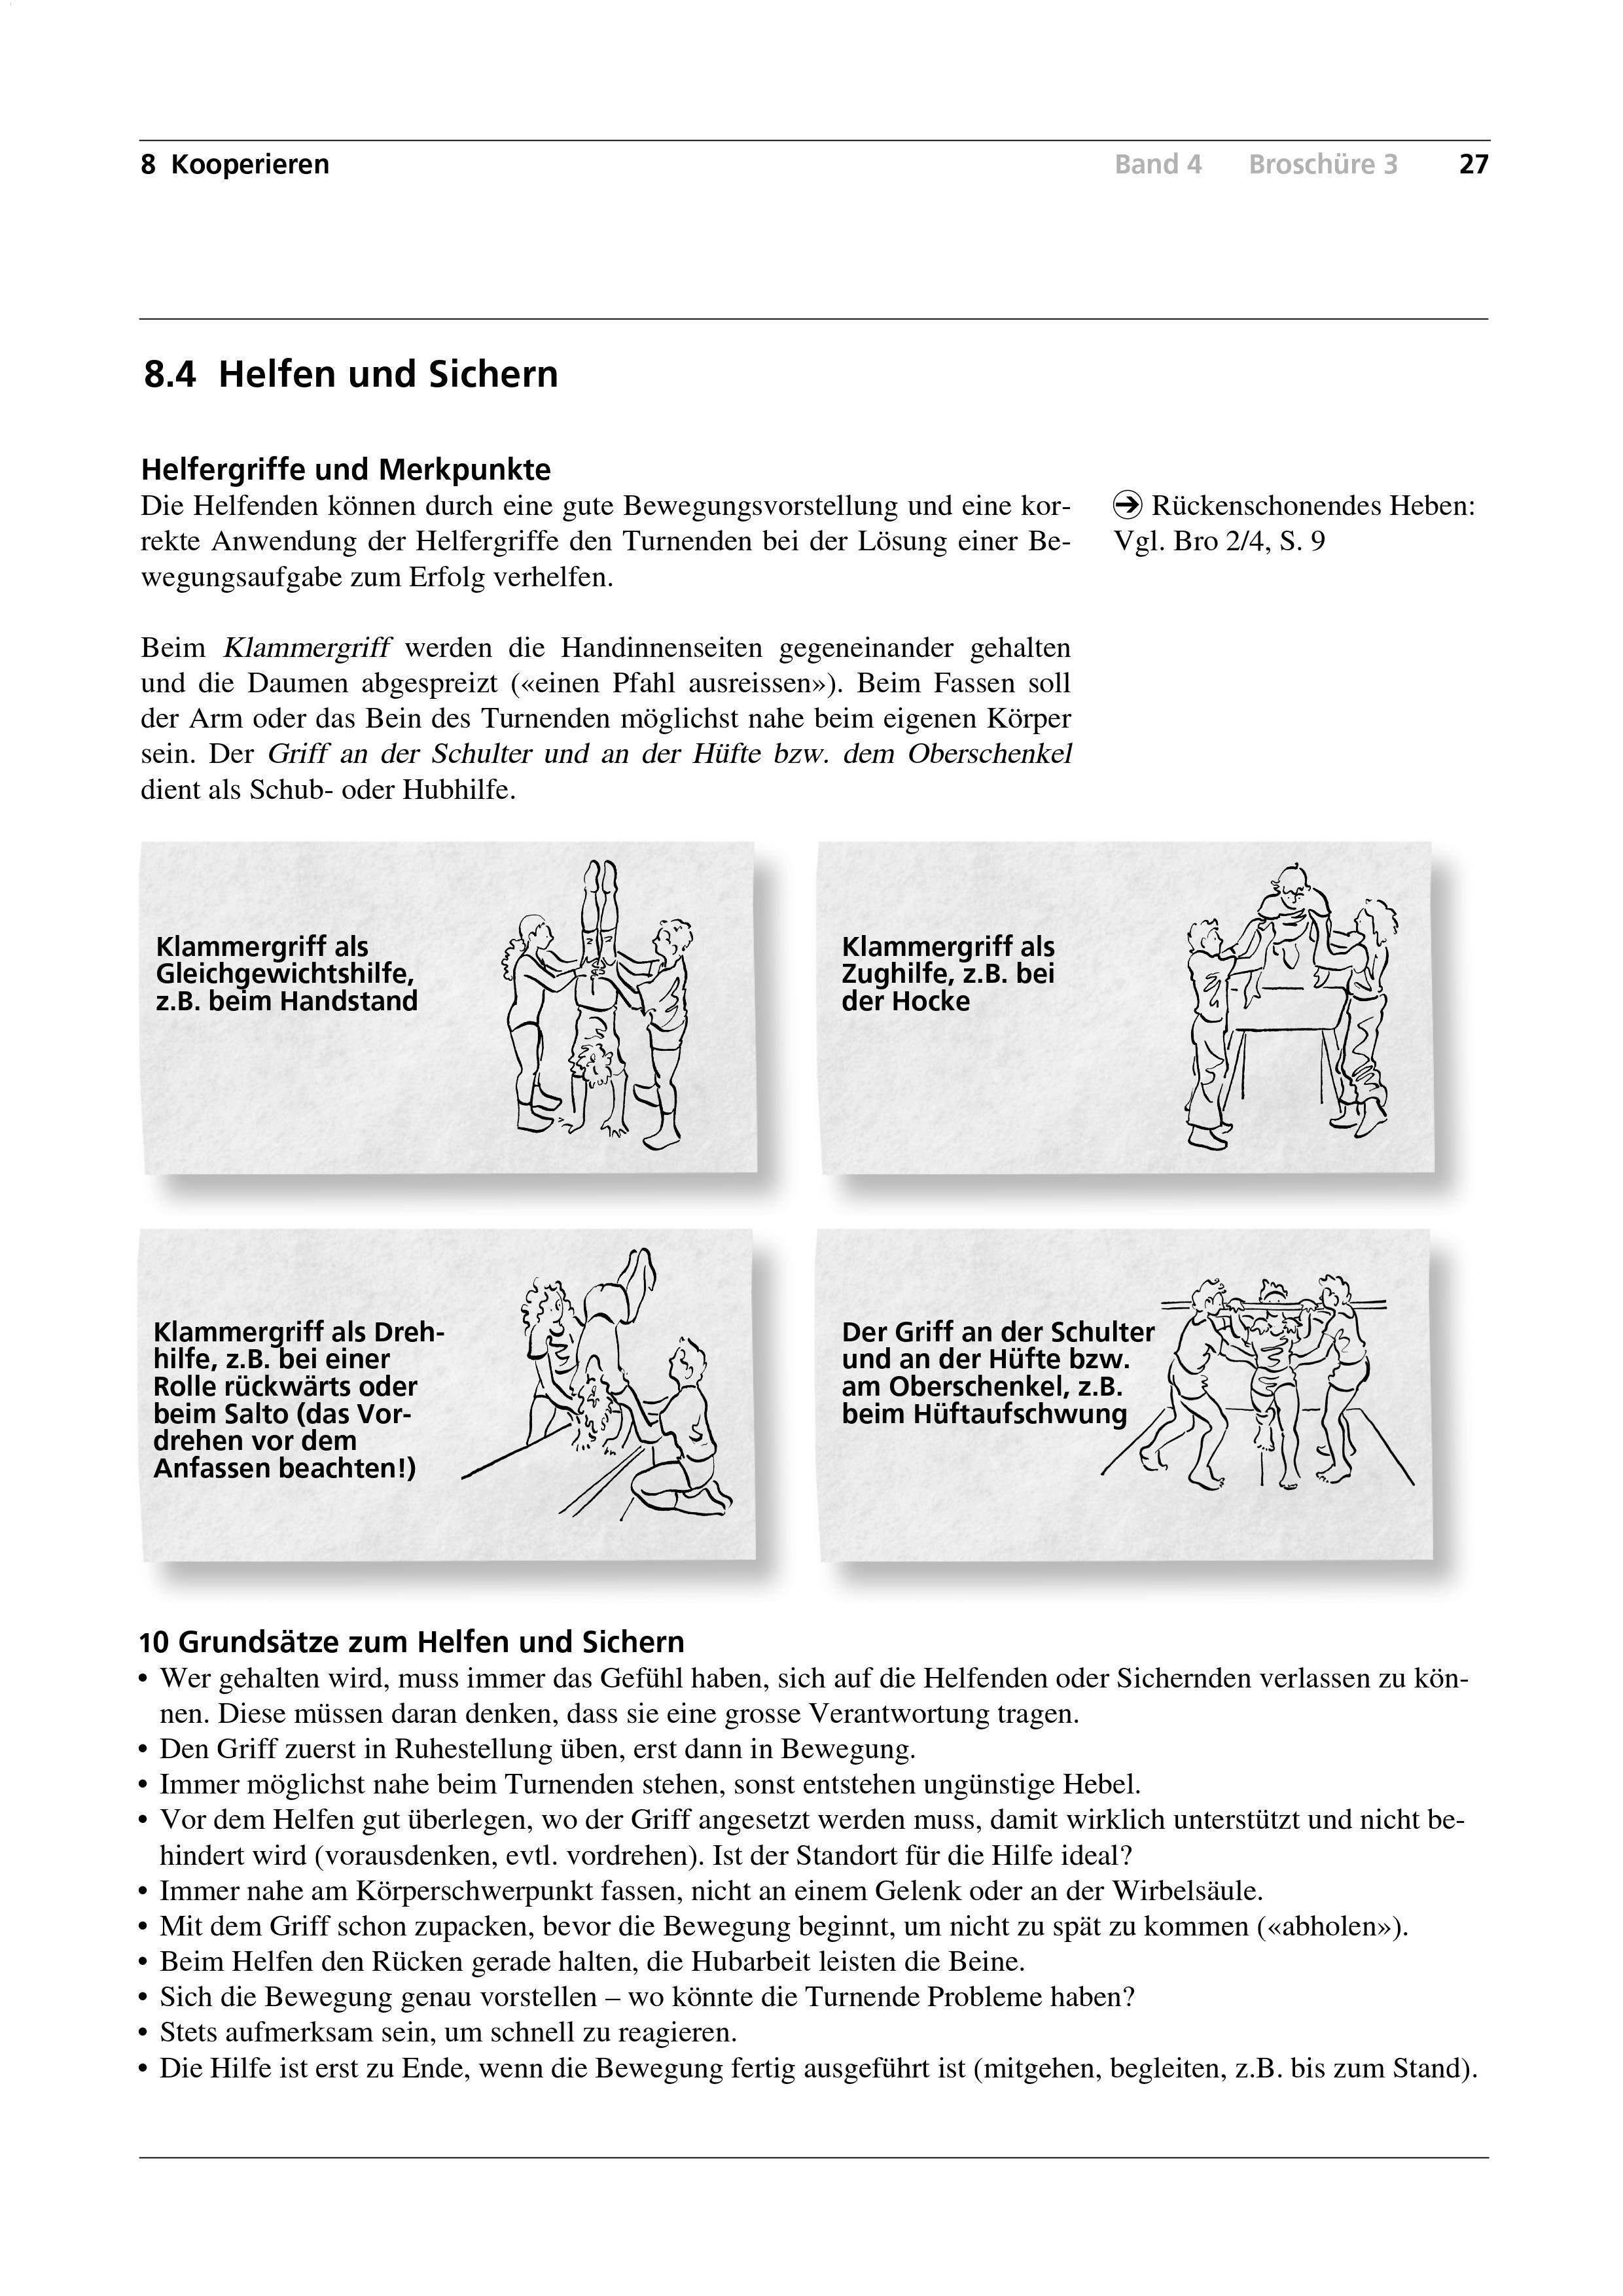 Preview image for LOM object Helfen und Sichern